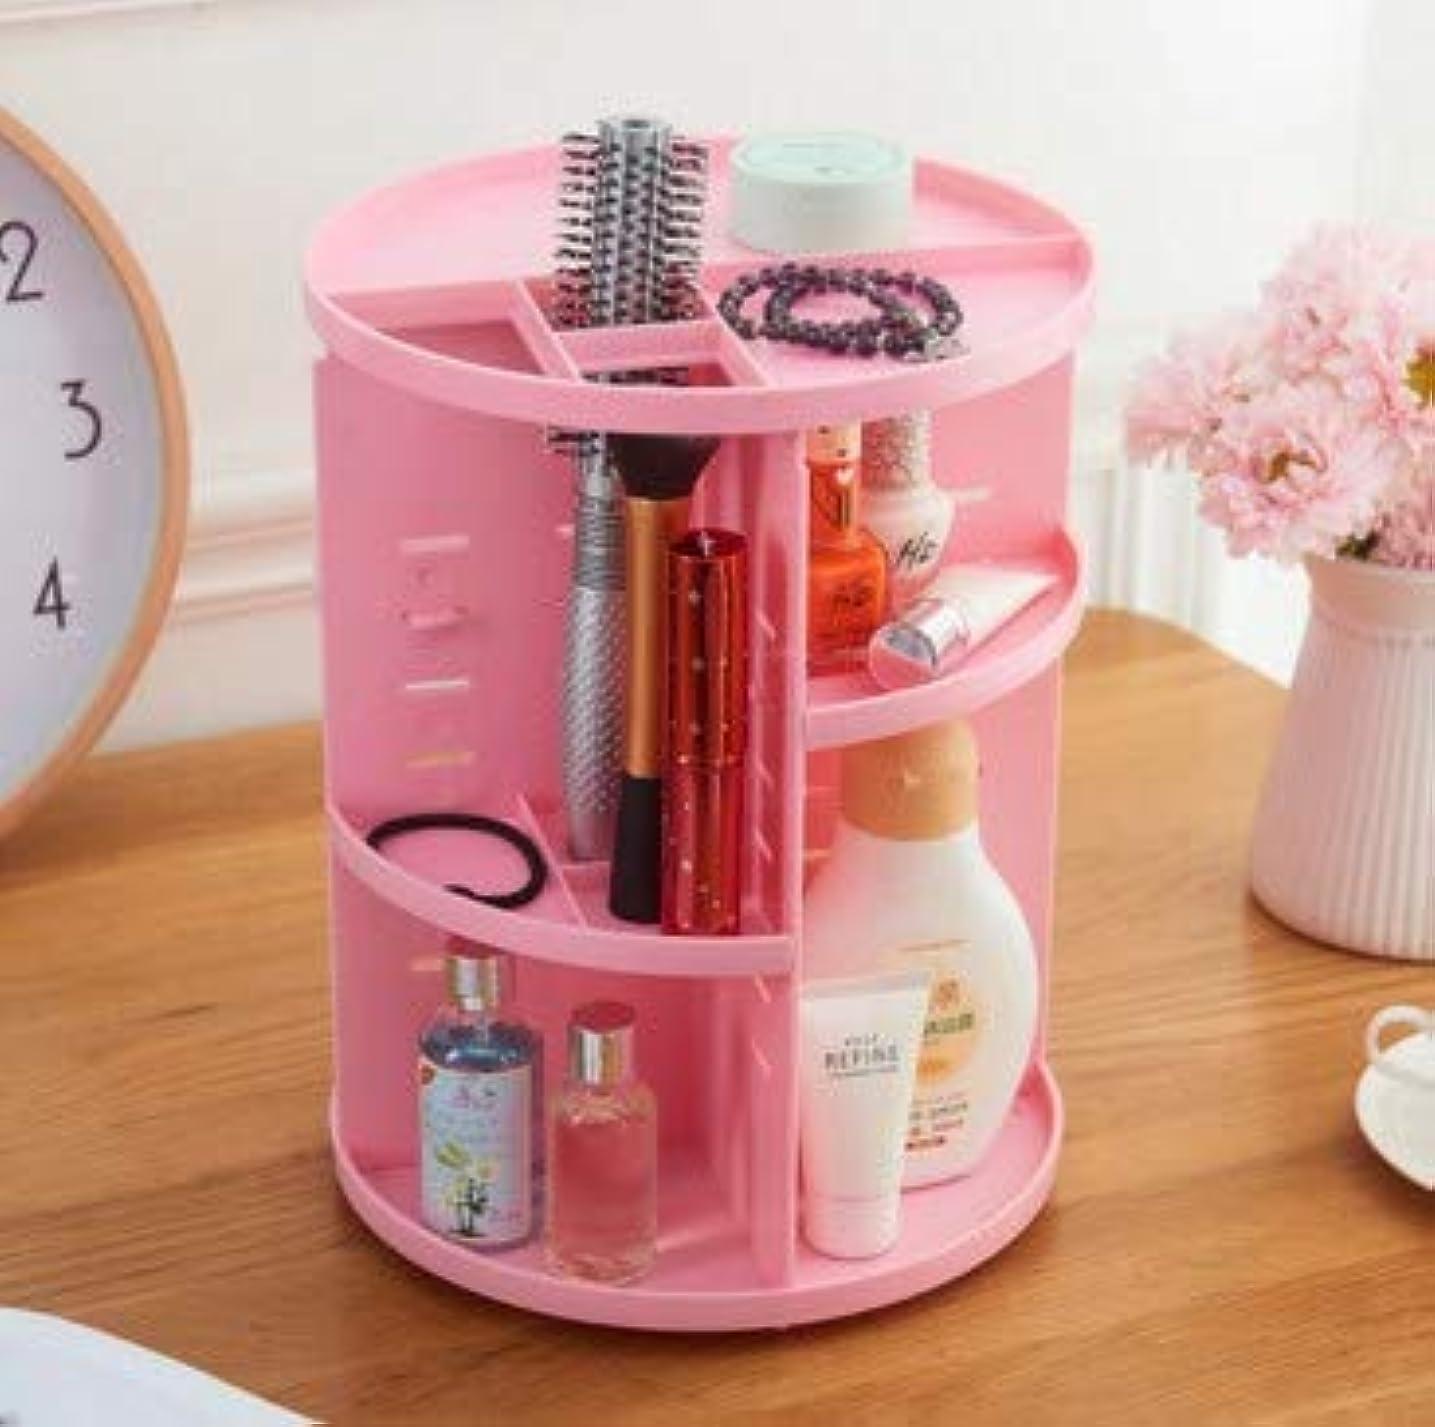 良心的目立つ鼻デスクトップロータリー収納ボックス多機能プラスチックバスルーム仕上げボックス化粧品収納ボックス (Color : ピンク)